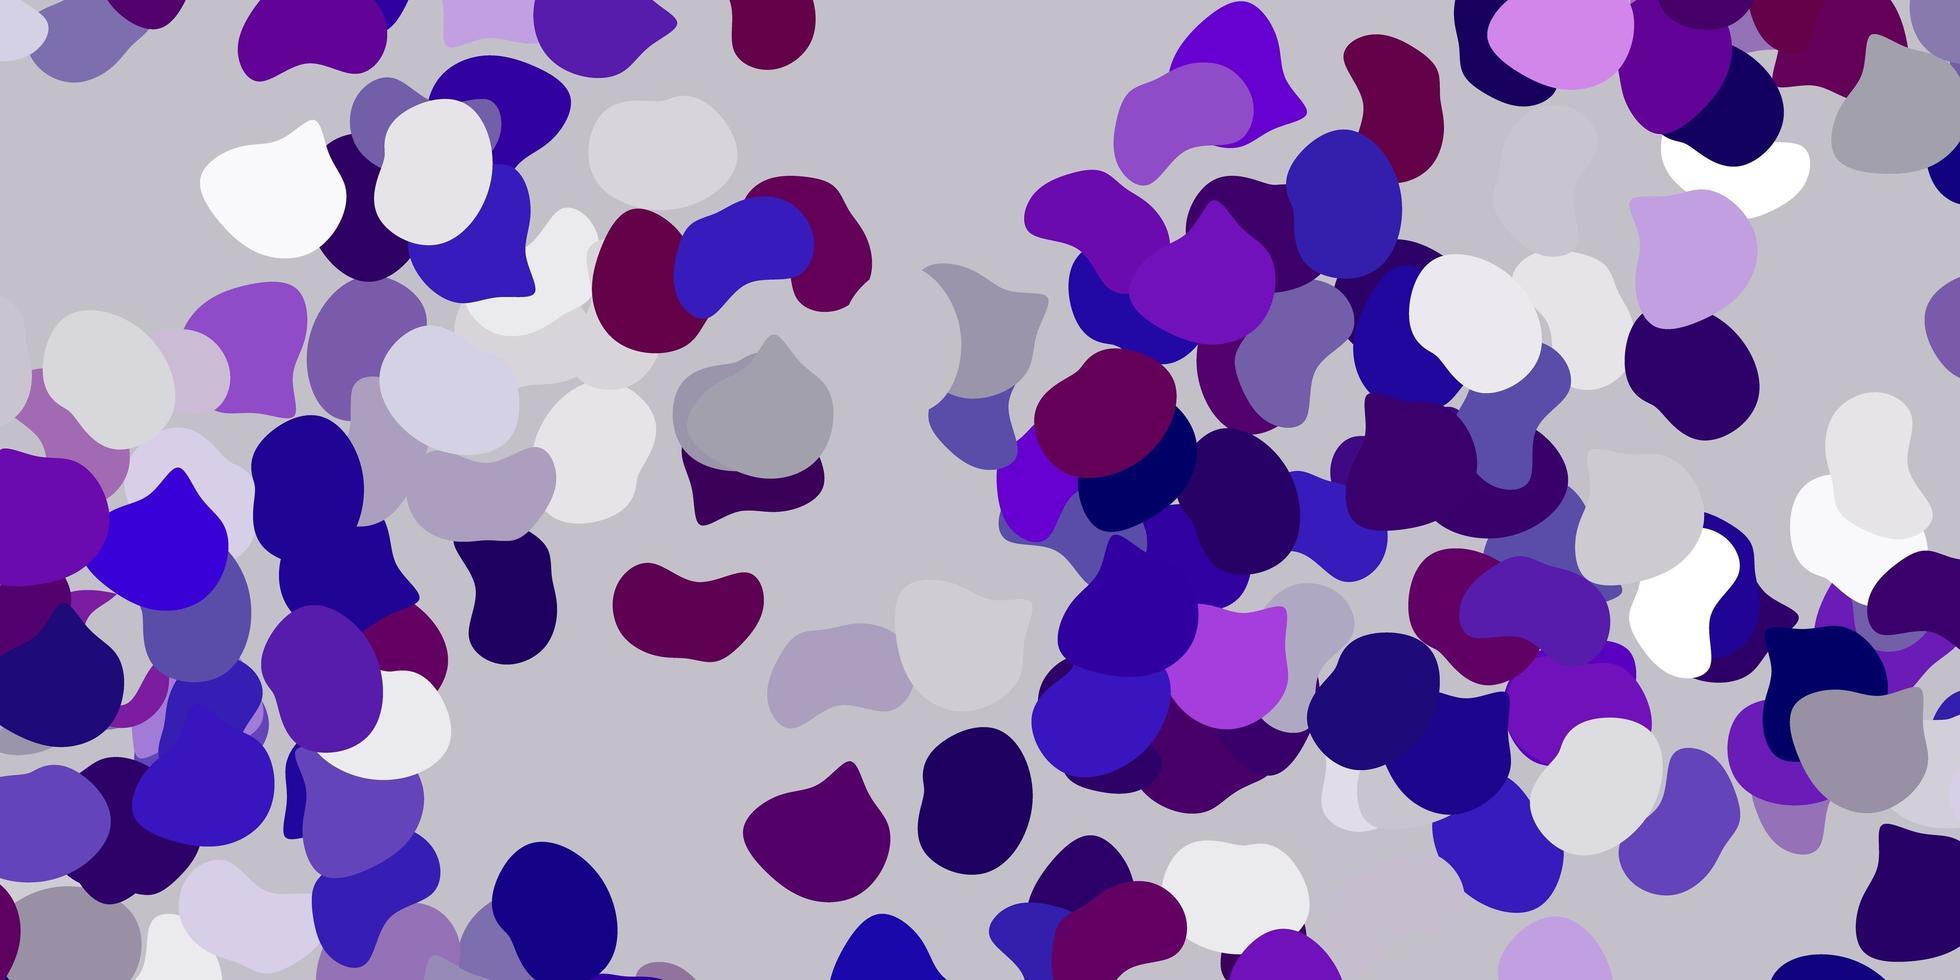 lichtpaarse vector achtergrond met willekeurige vormen.